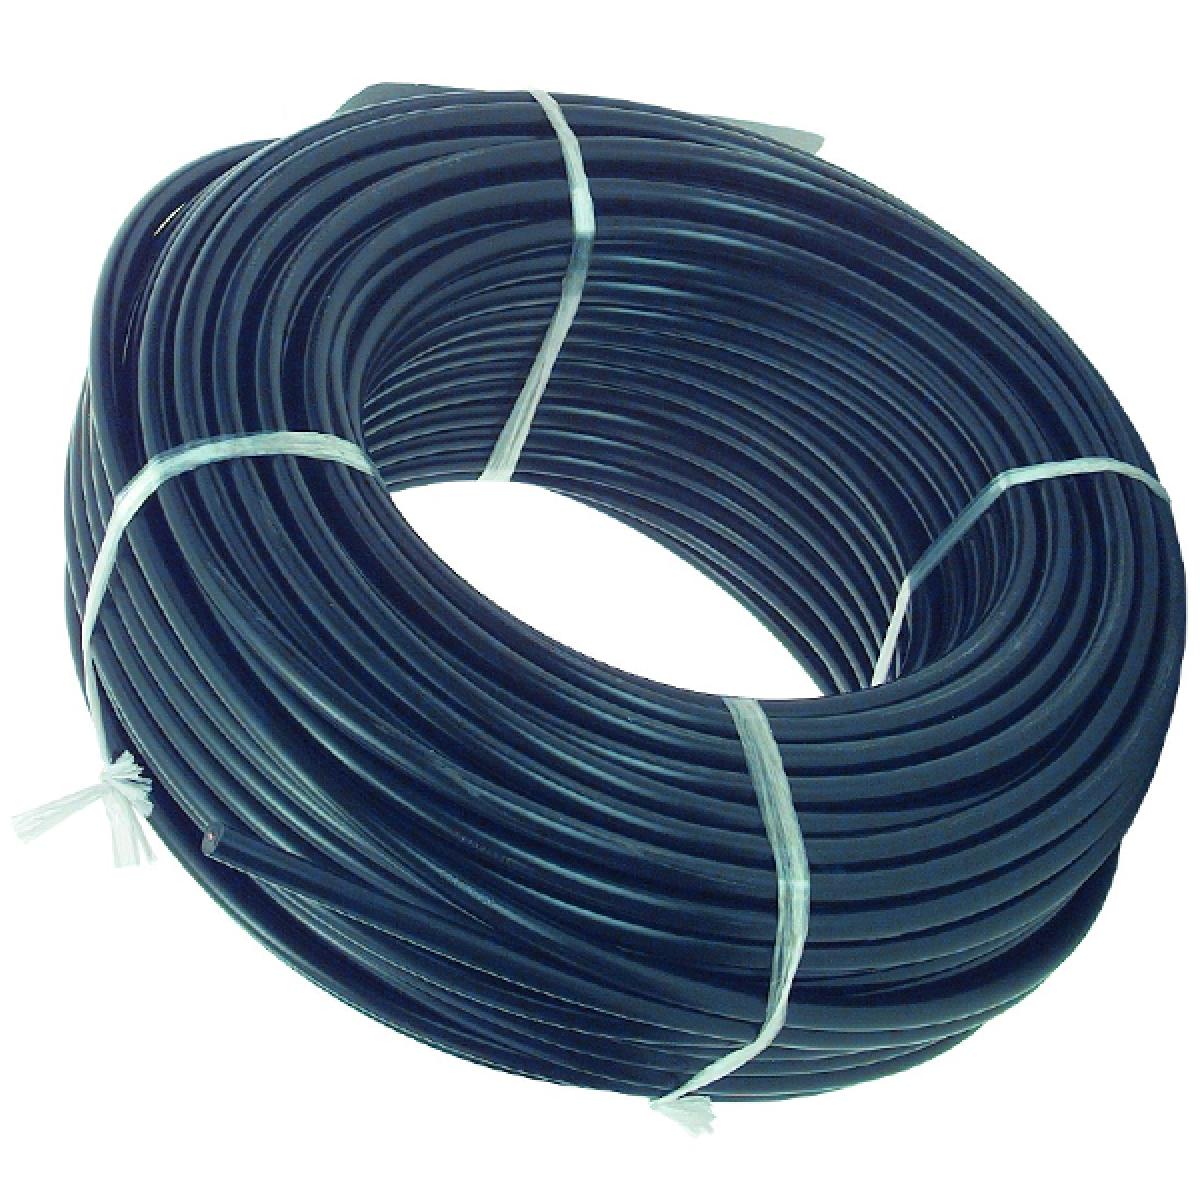 NYY-J NYY-J NYY-J 1x16 mm² Erdkabel, Verlegekabel XBK | Authentische Garantie  b80a7d